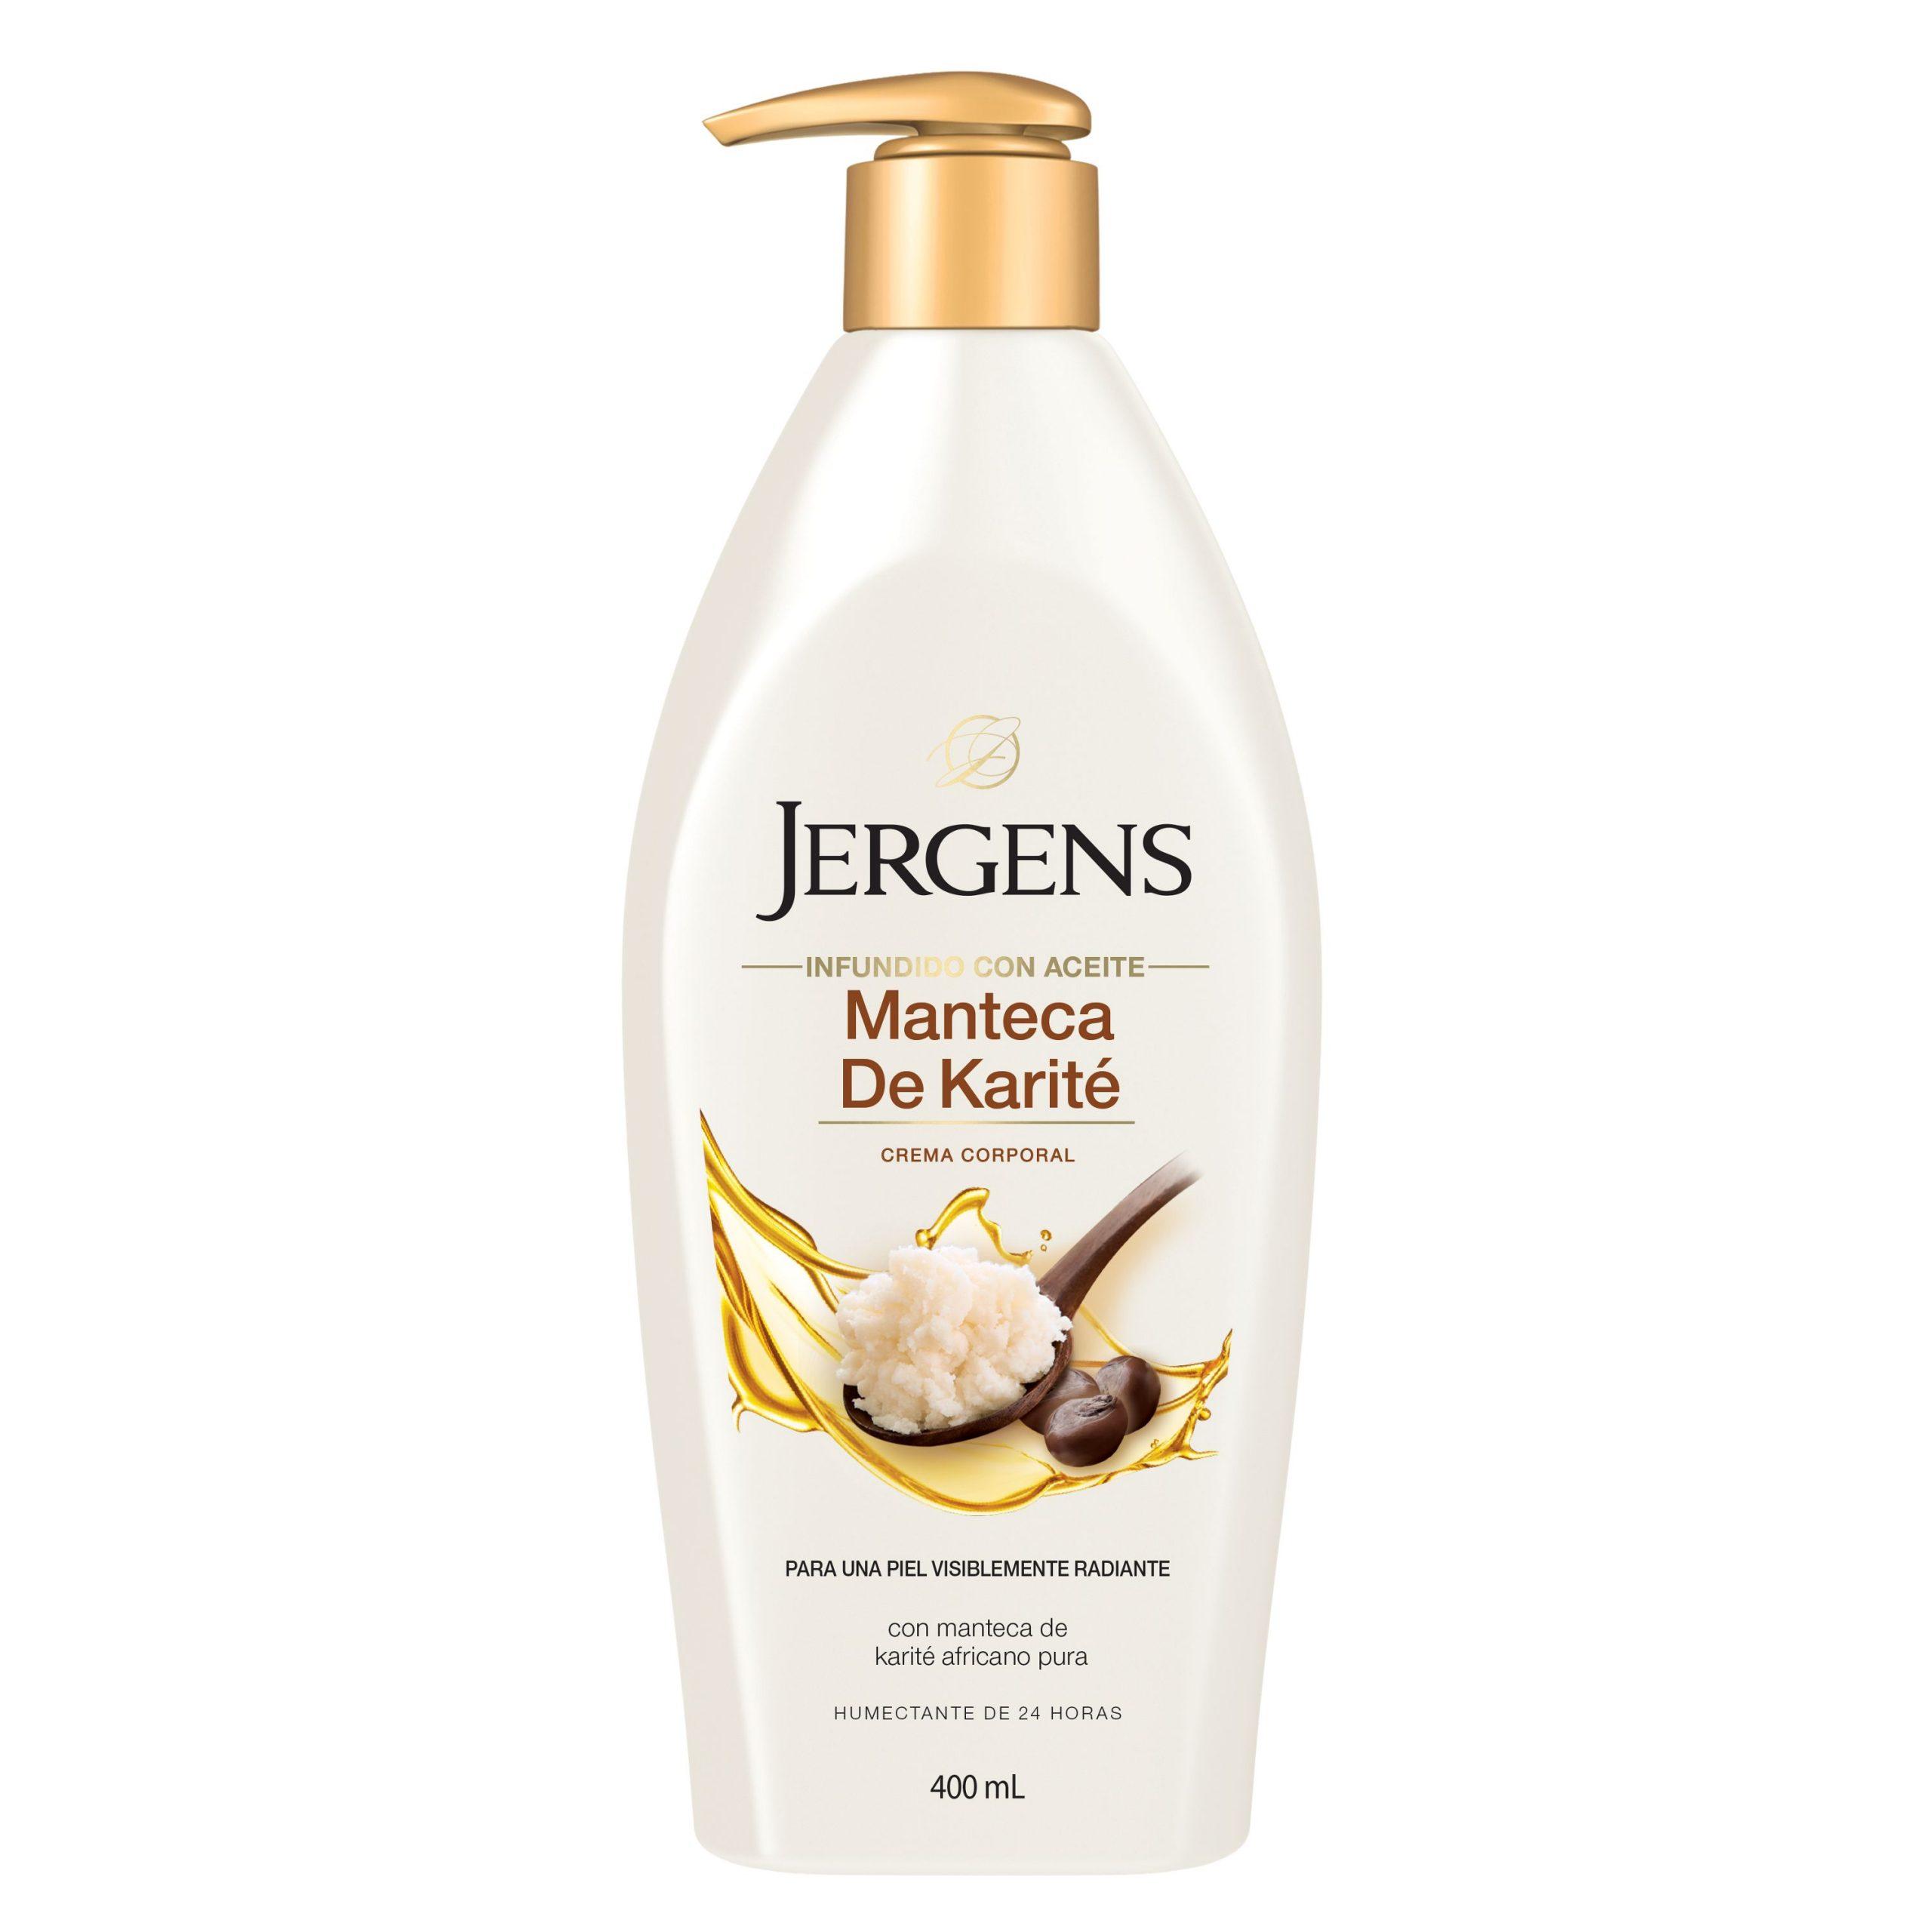 Dale brillo y luminosidad con Jergens® Manteca de Karité